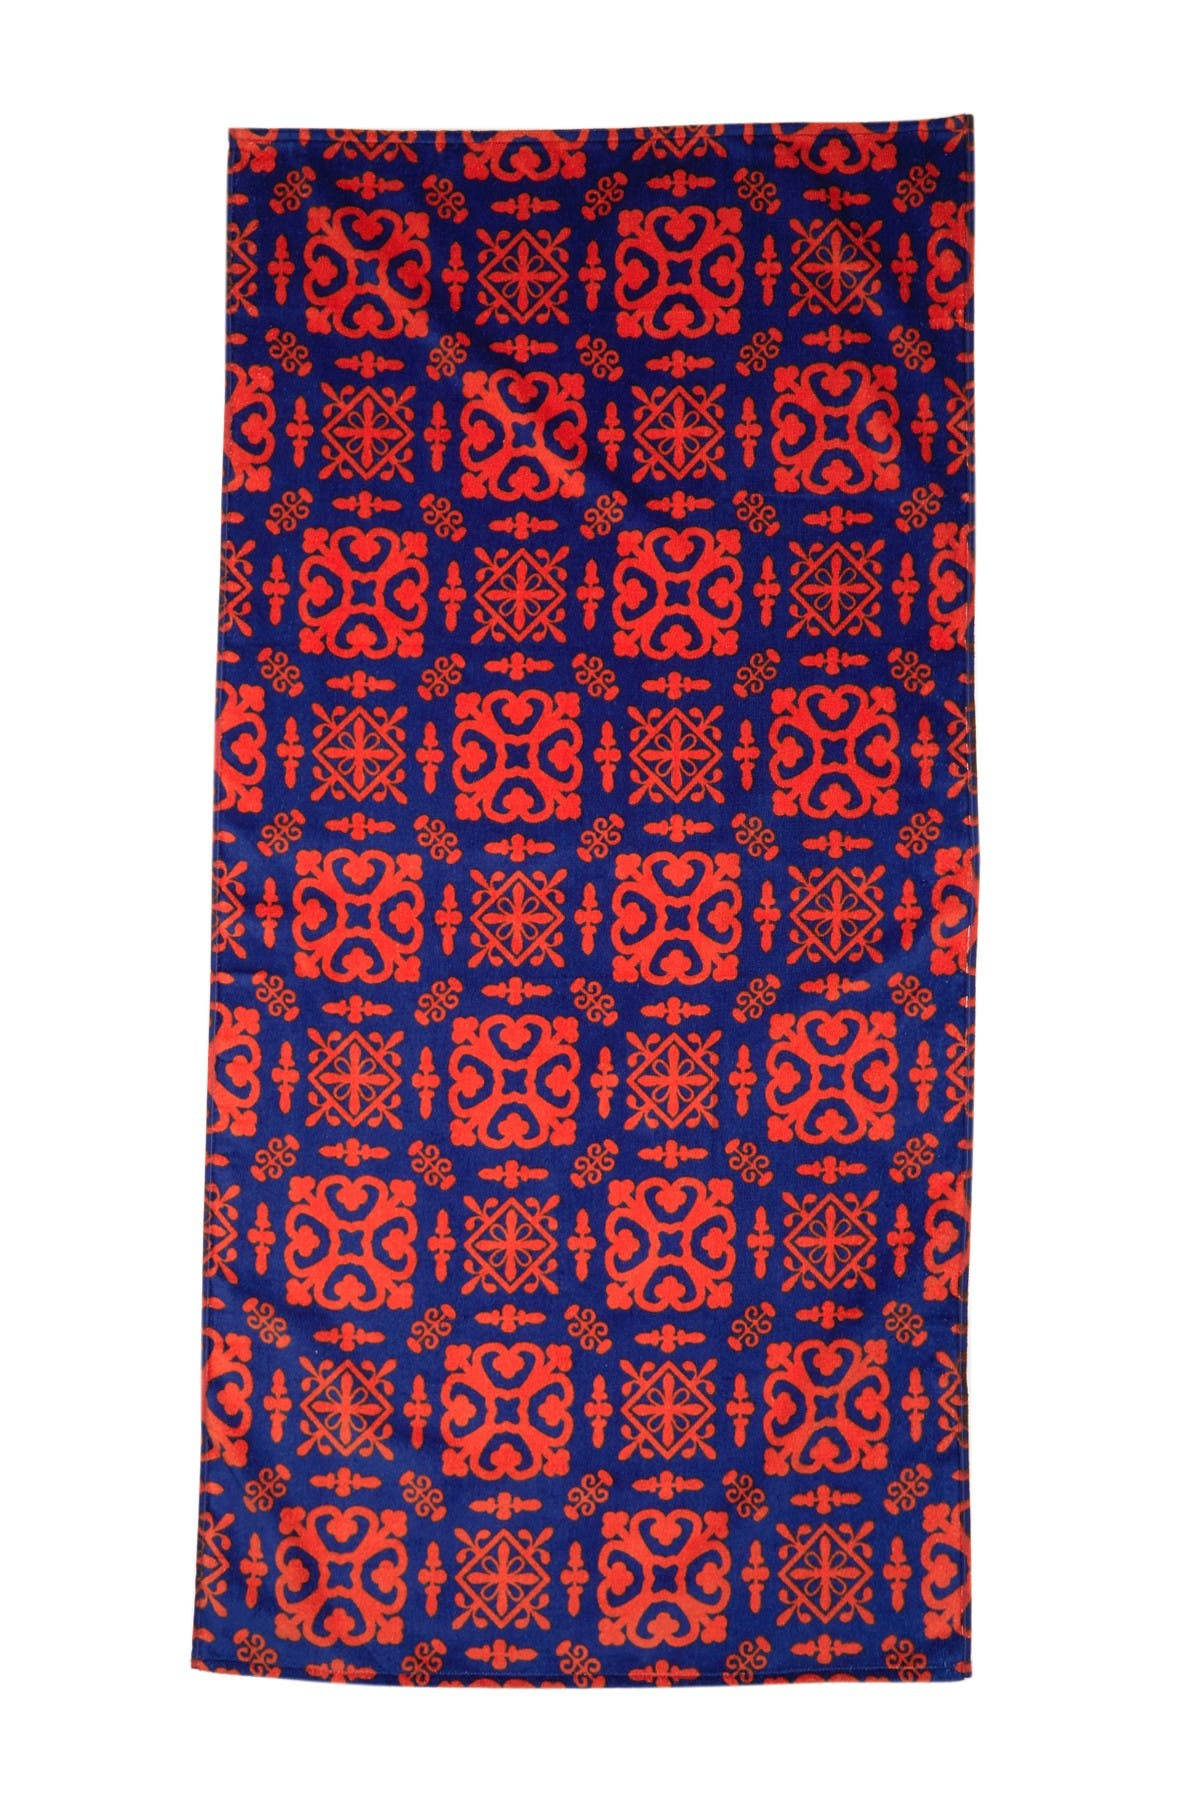 Image of Apollo Towels Batik Beach Towel - Multi